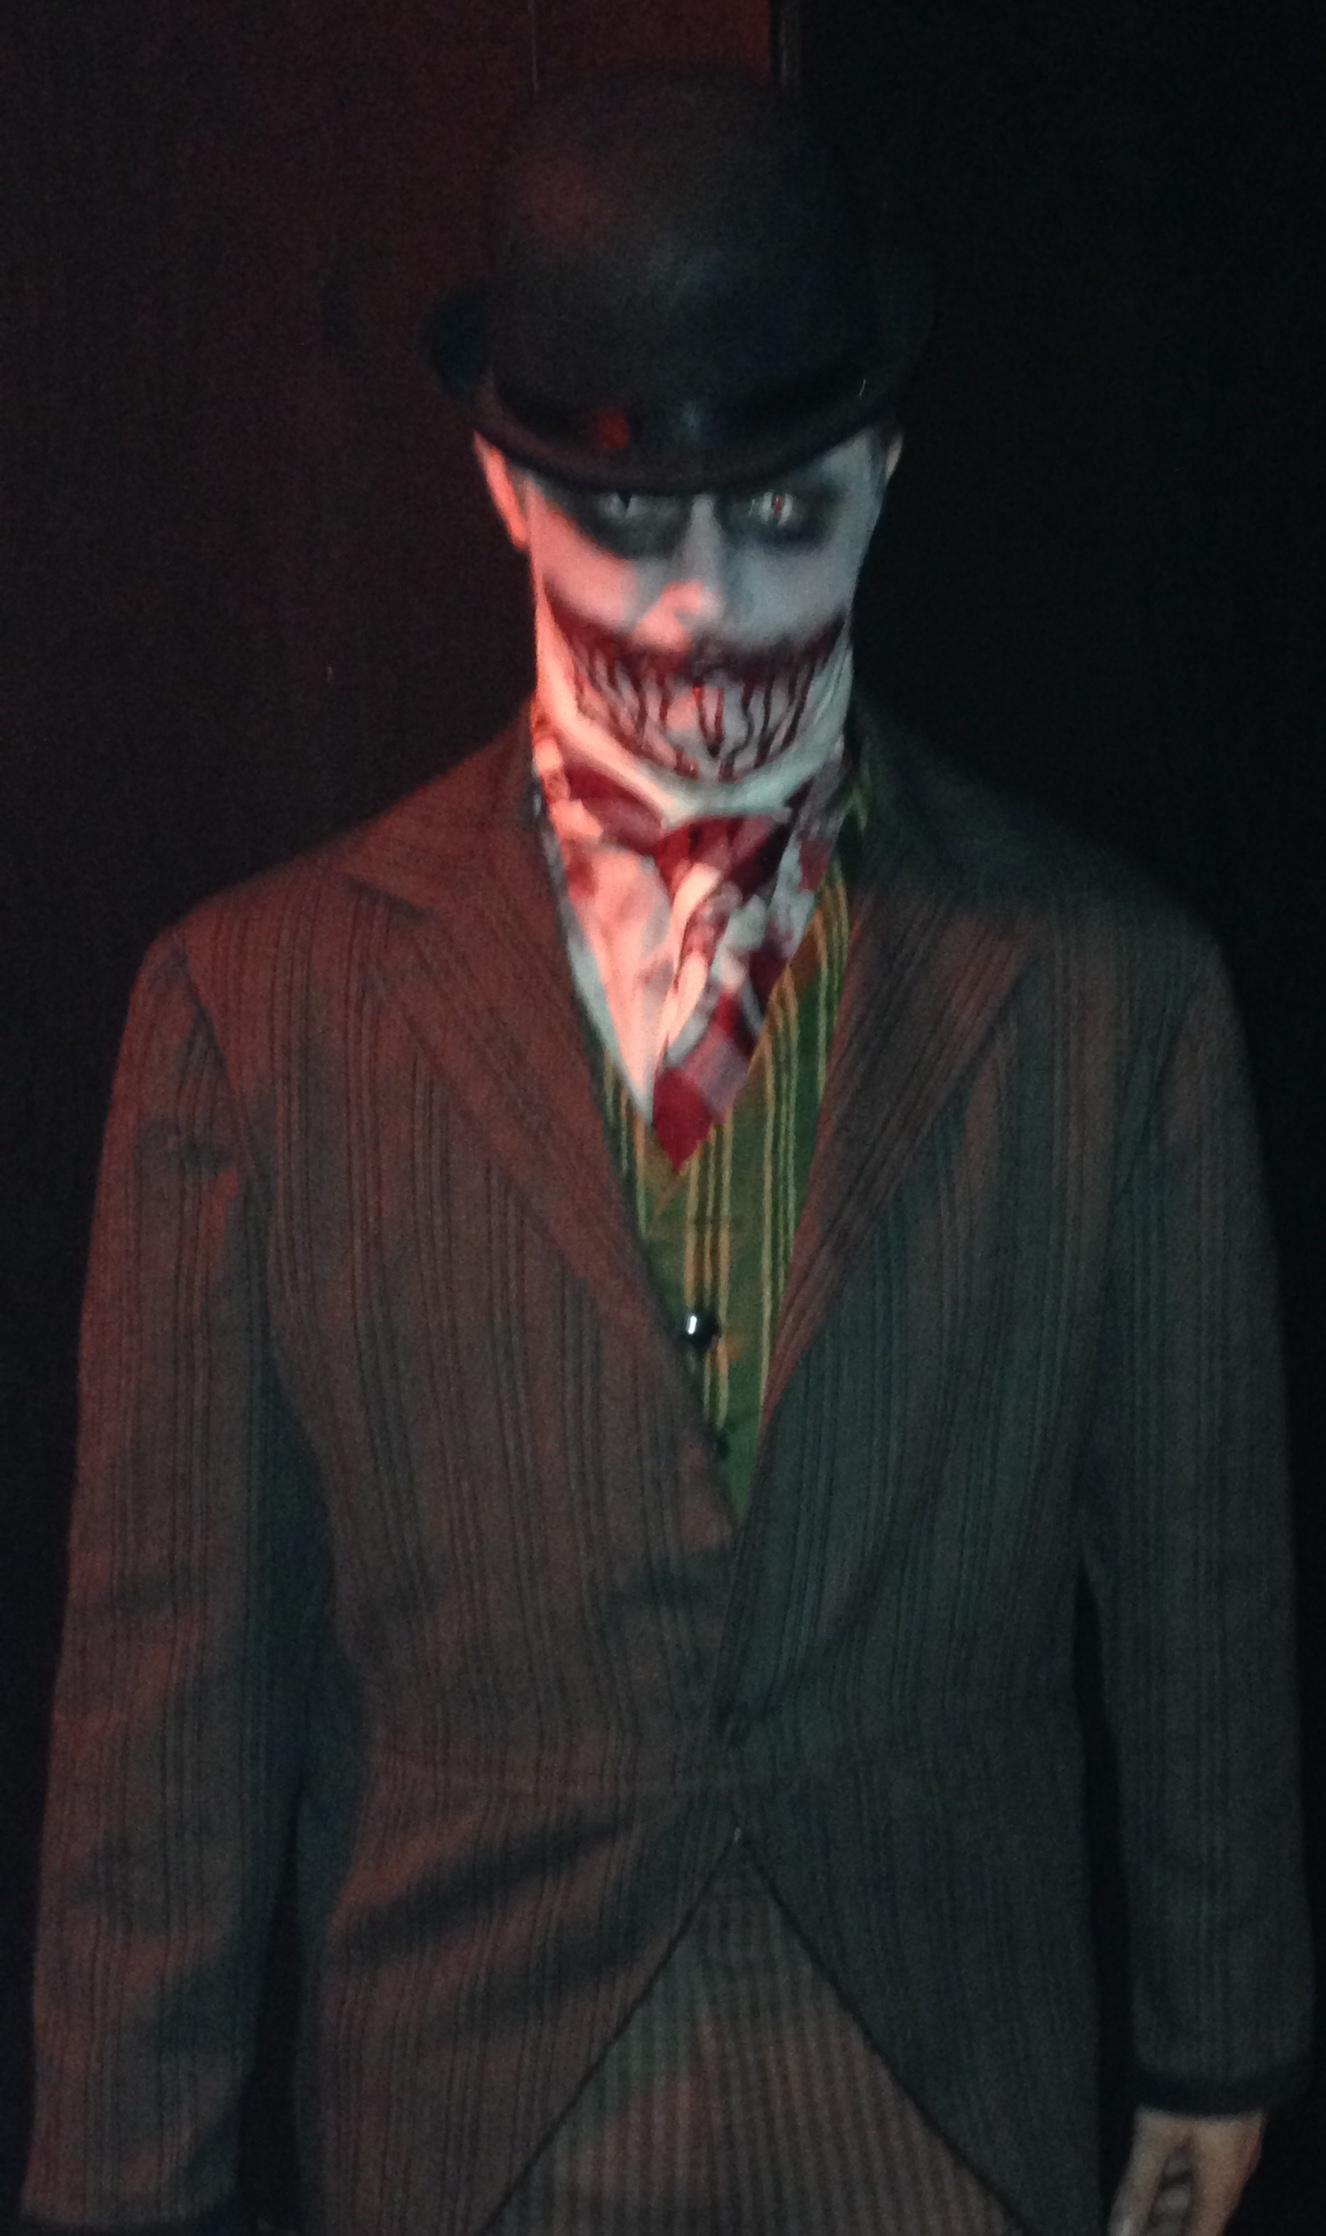 Halloween Costume Contest Love